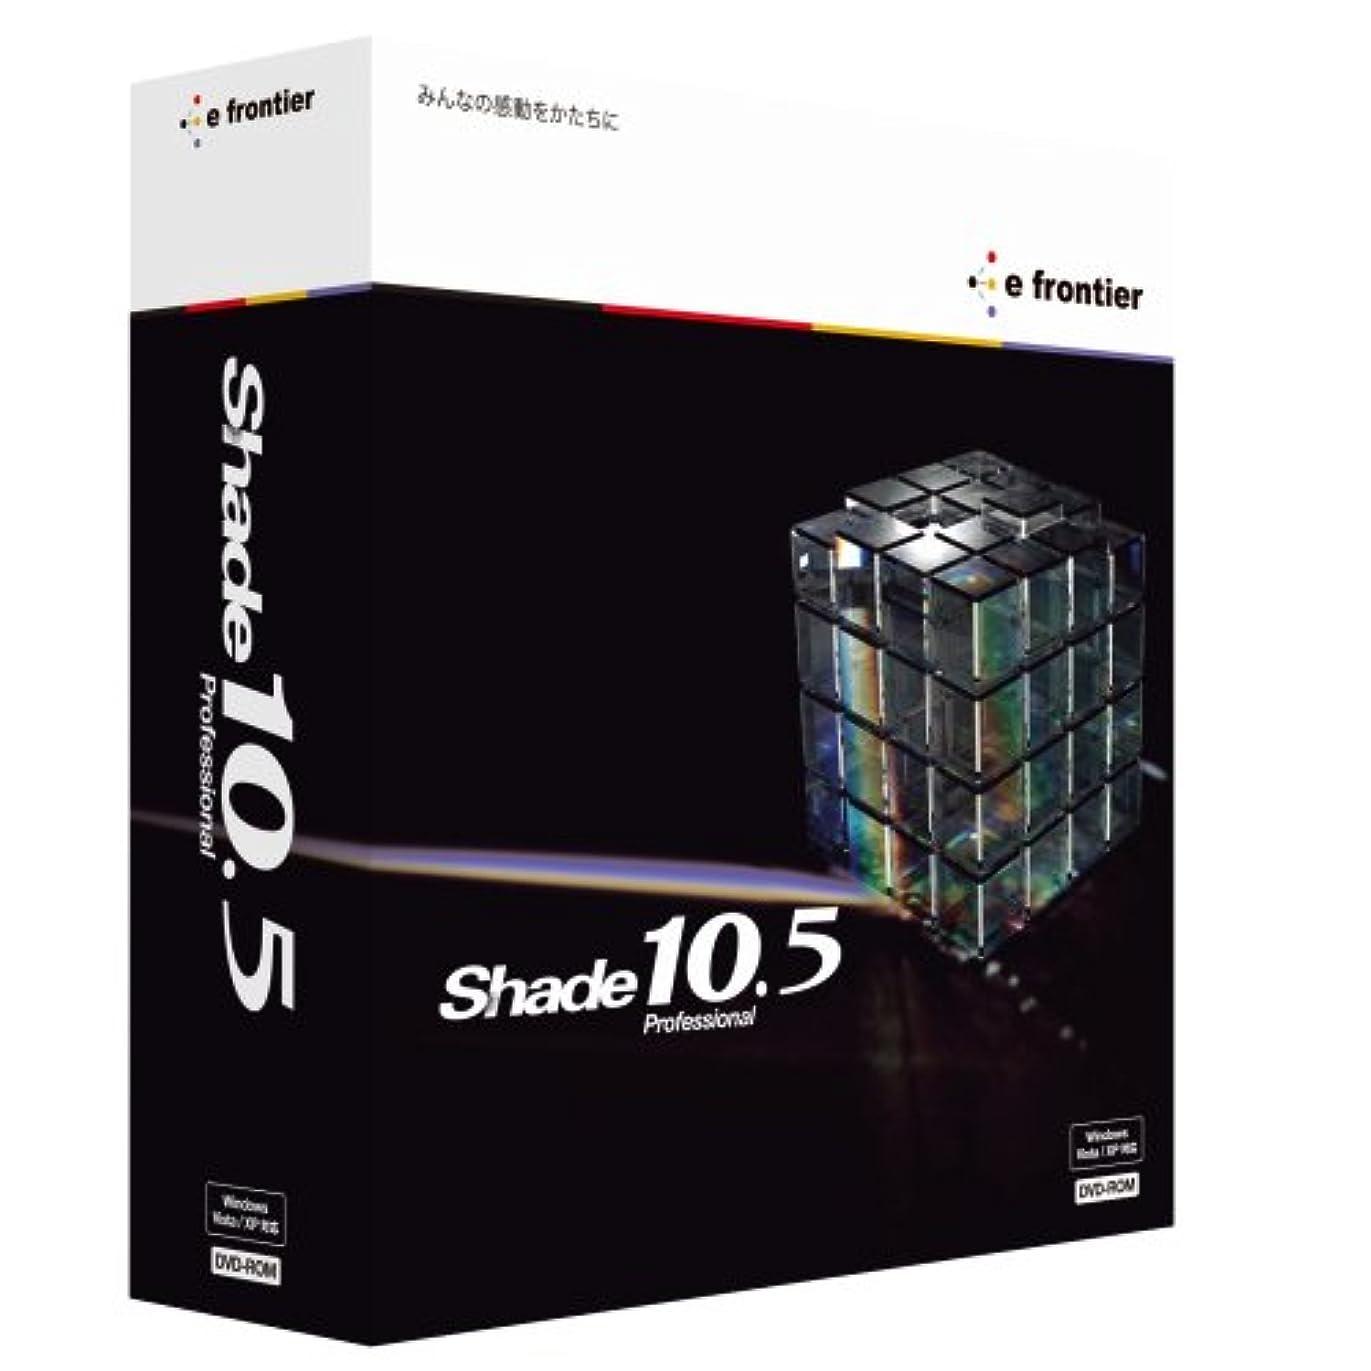 フライカイト見る人事実Shade 10.5 Professional for Mac OS X